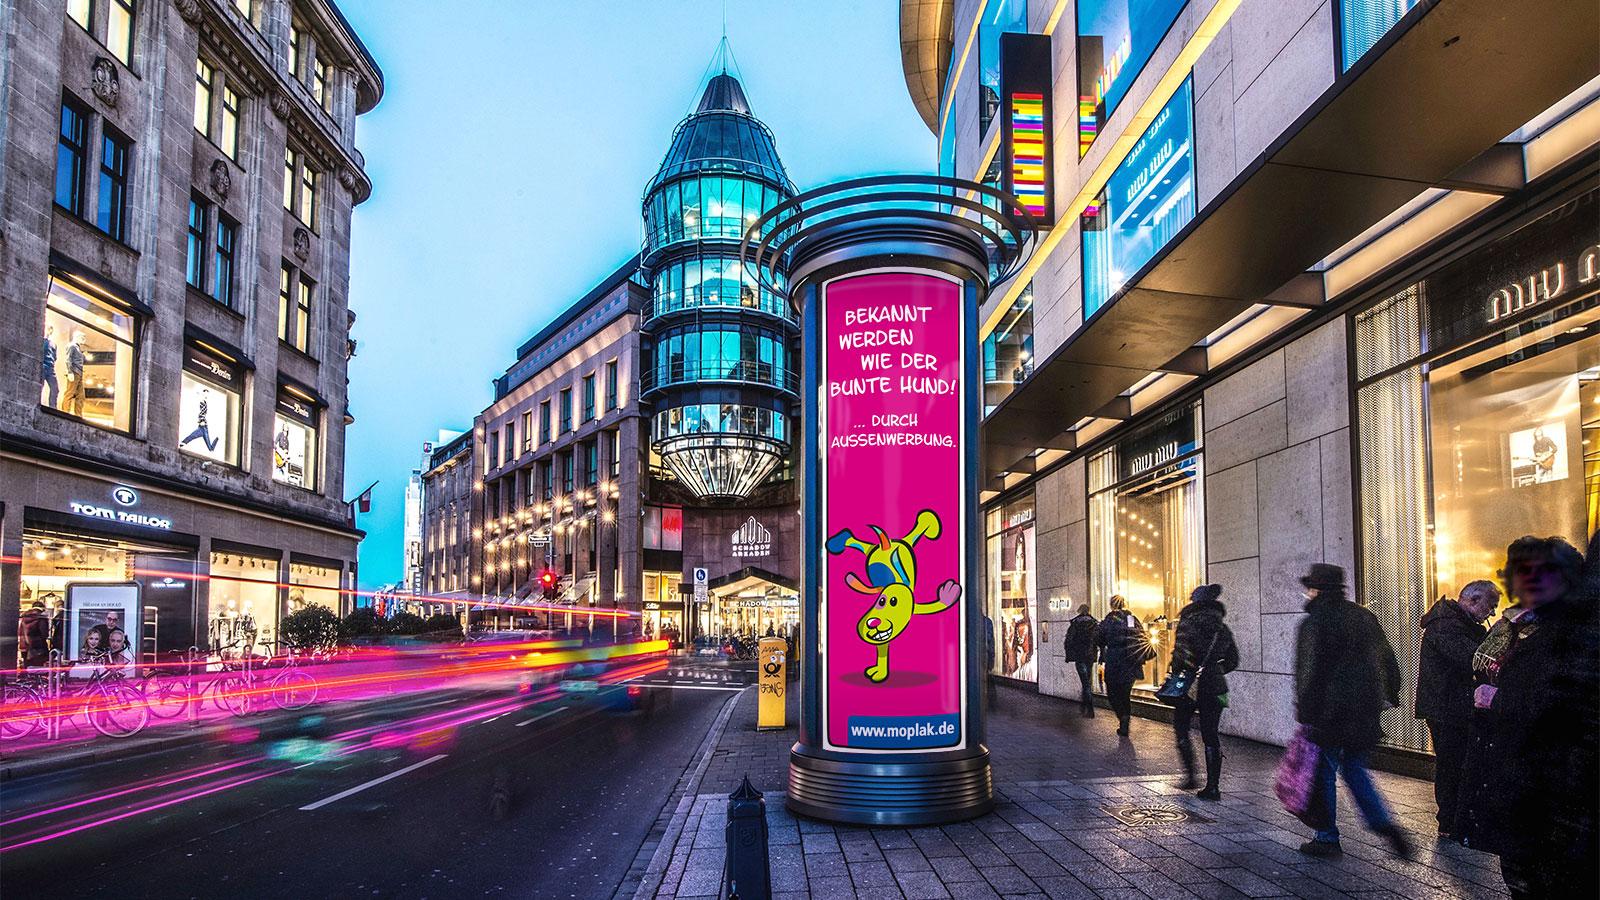 Hagen-Aussenwerbung-Litfasssaeule-Werbung